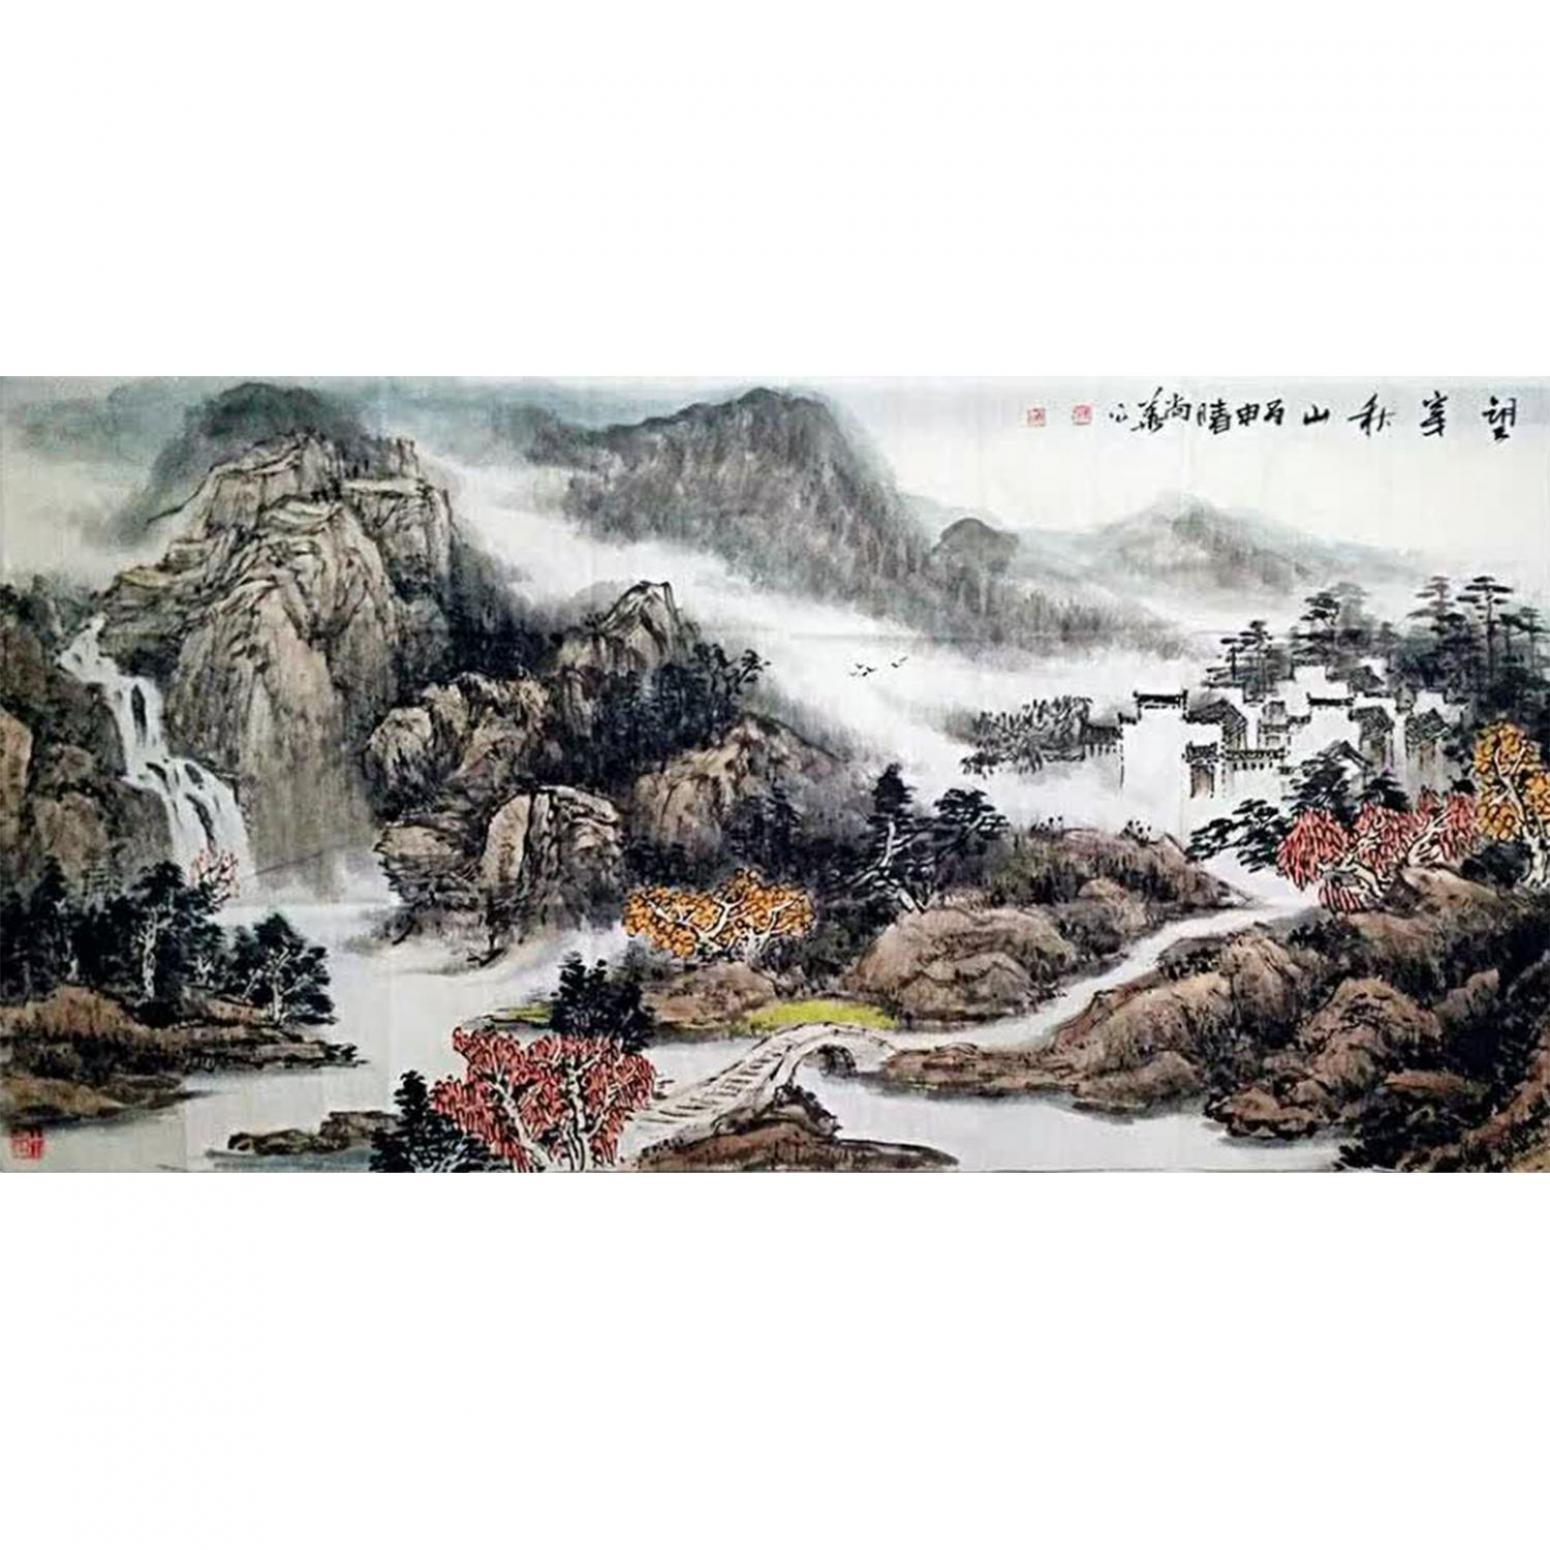 陶尚华国画作品《【山水】作者陶尚华》